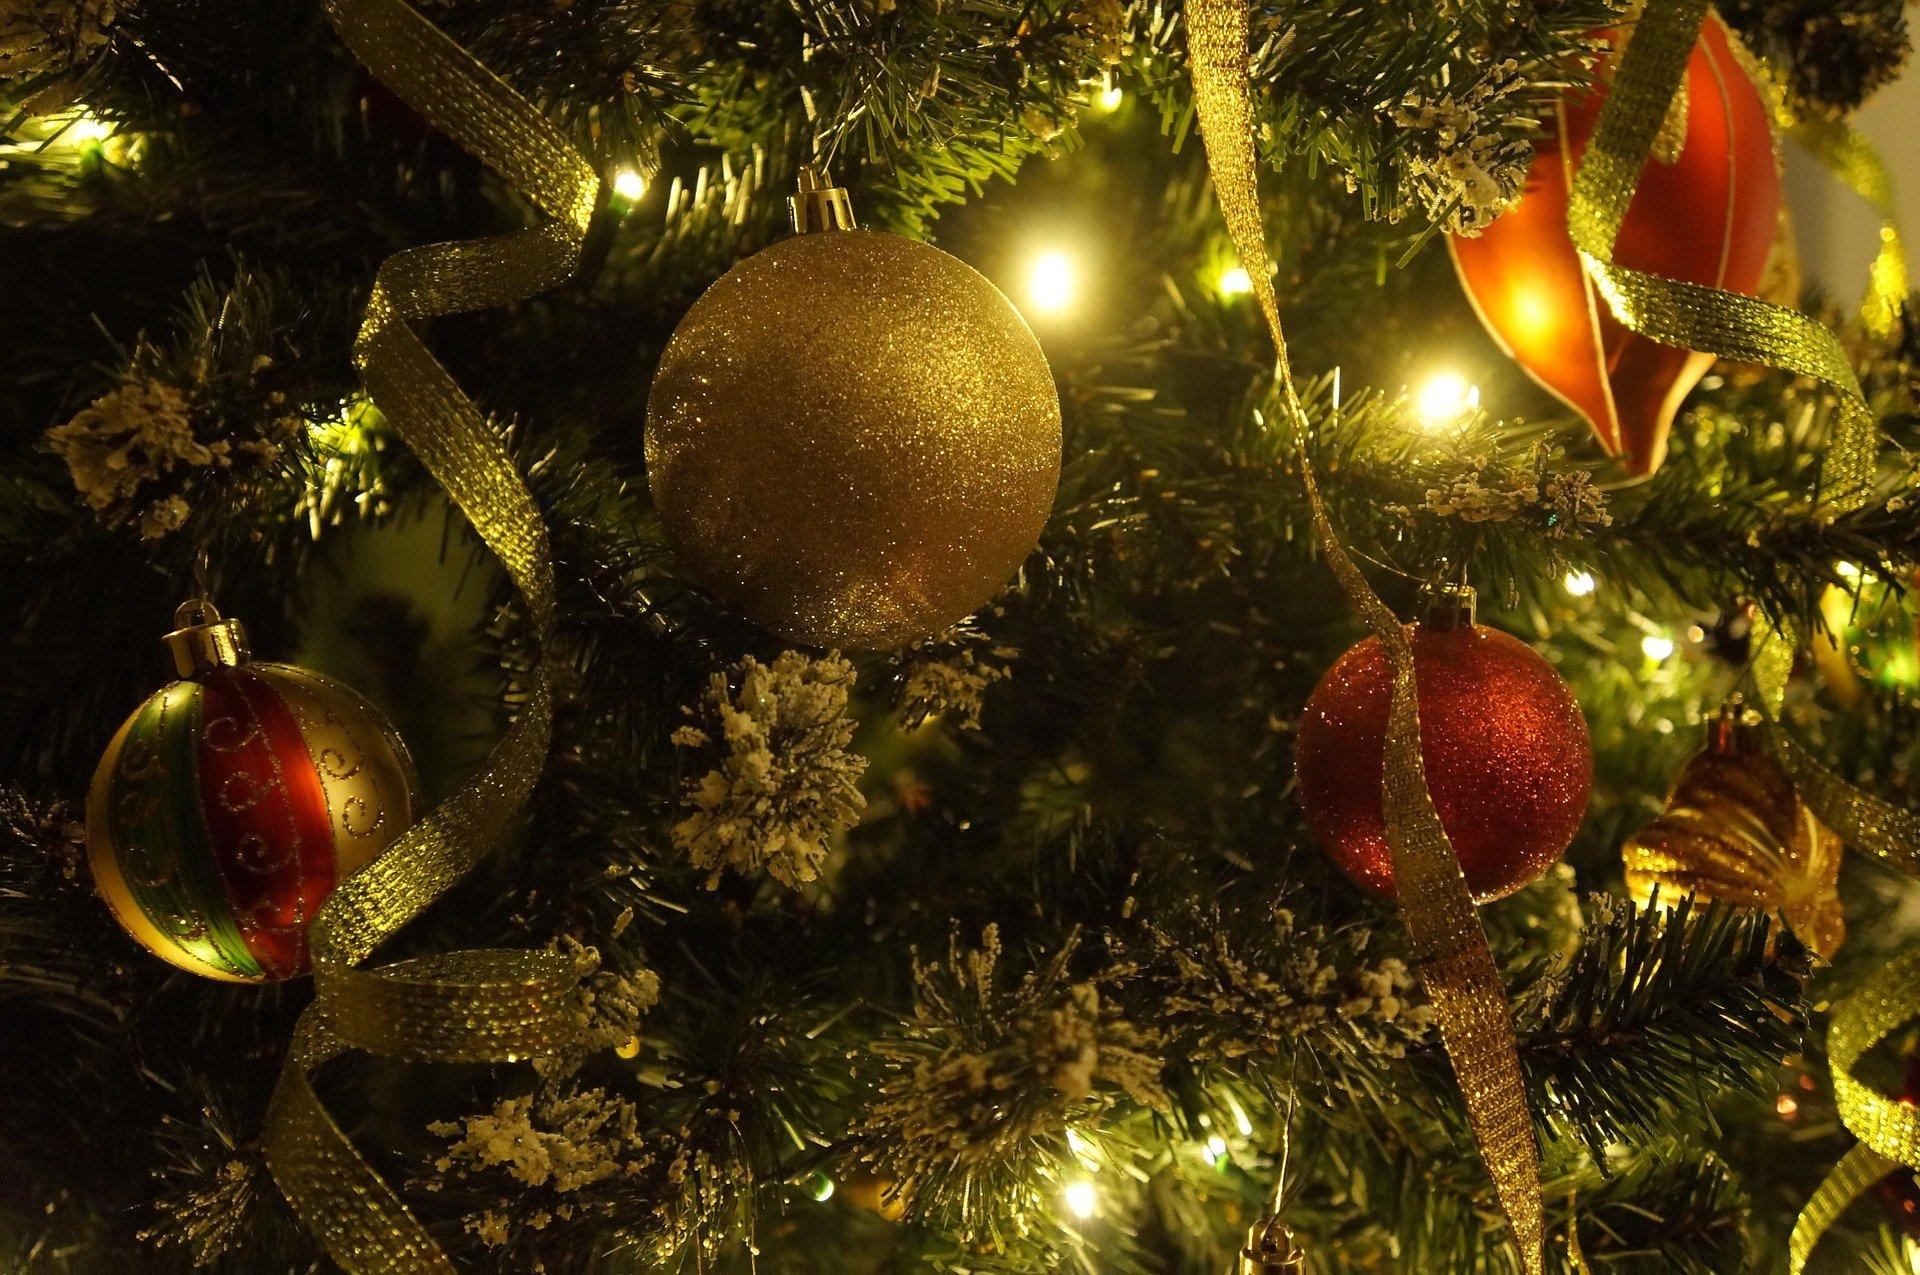 Gravírozott kulcstartó karácsonyi ajándékként?